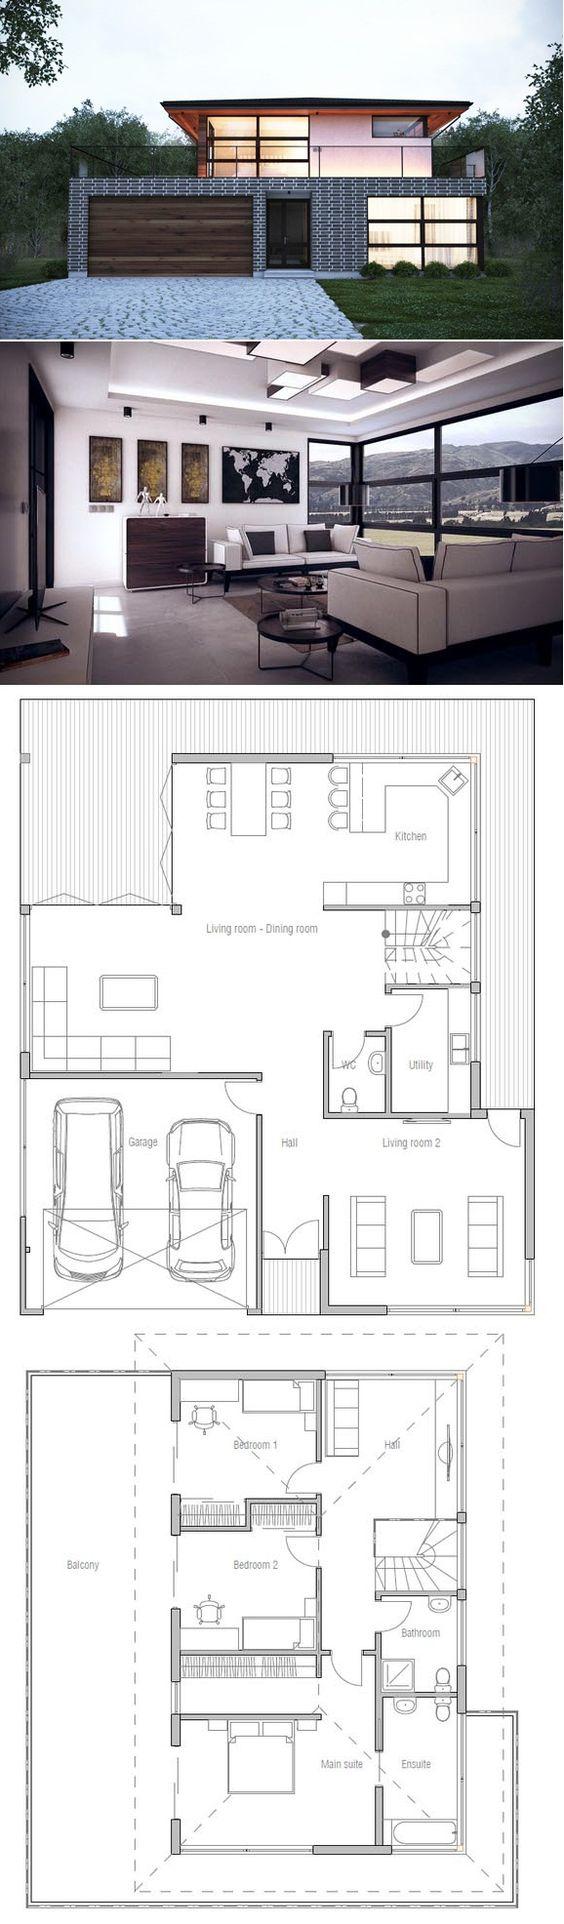 Fotos de plantas de casas com fachadas dois andares e garagem